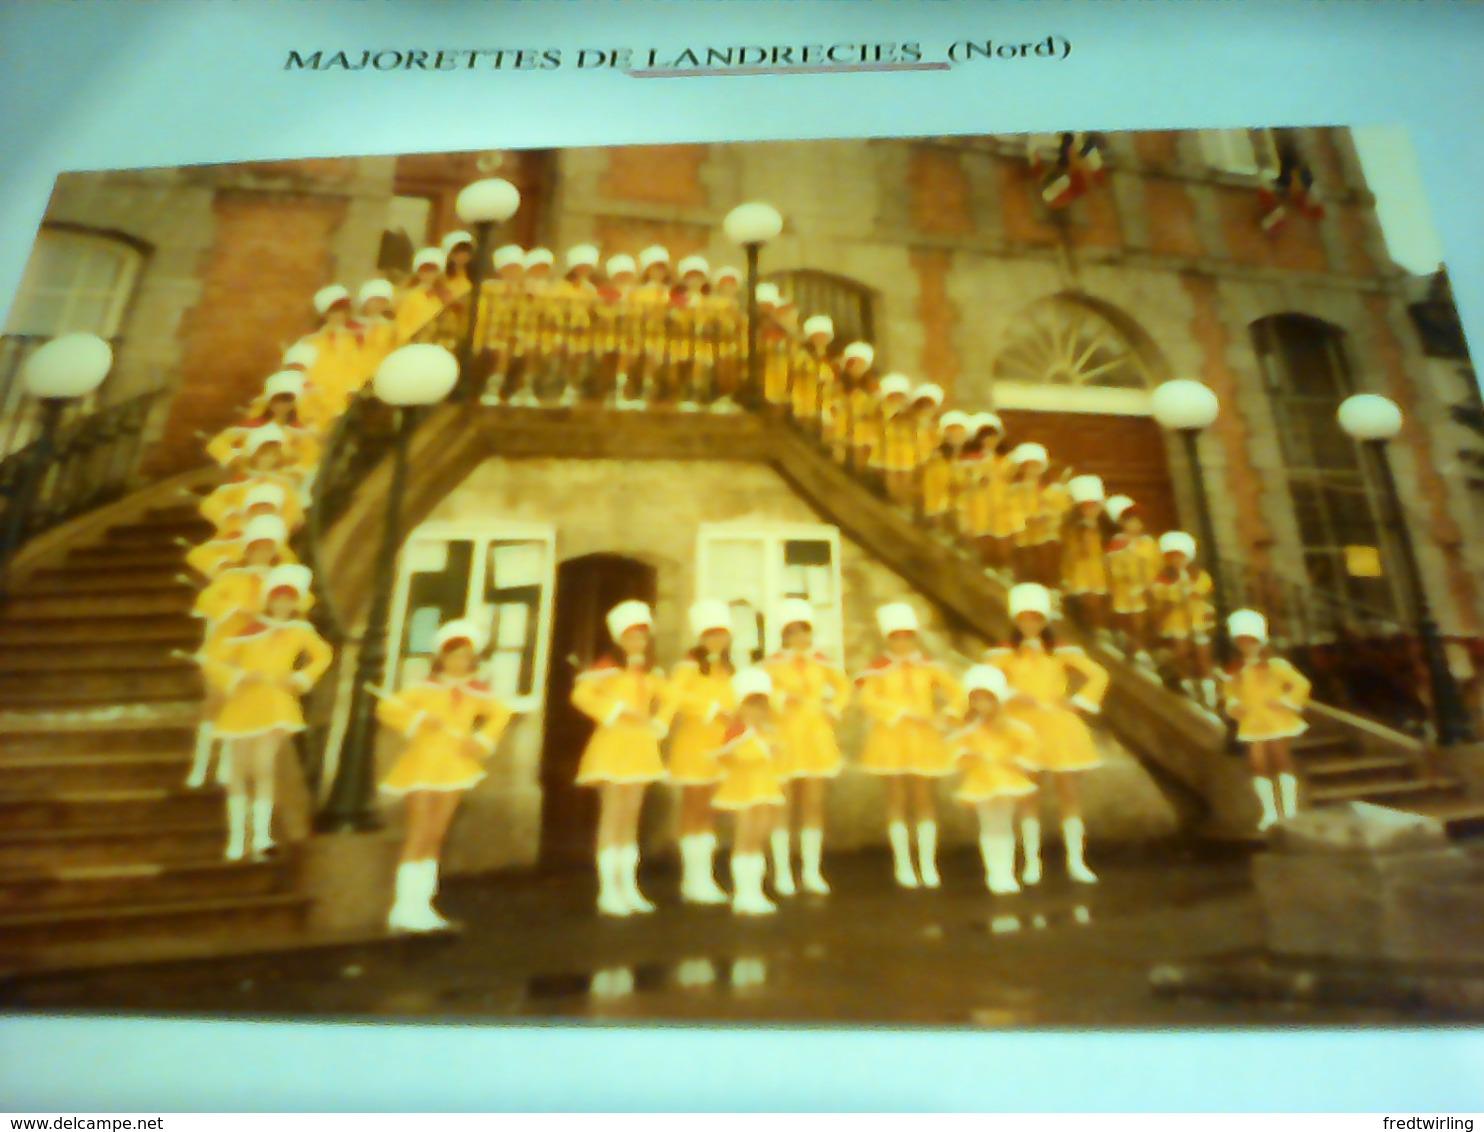 PHOTO MAJORETTES LANDRECIES 59 NORD - Repro's